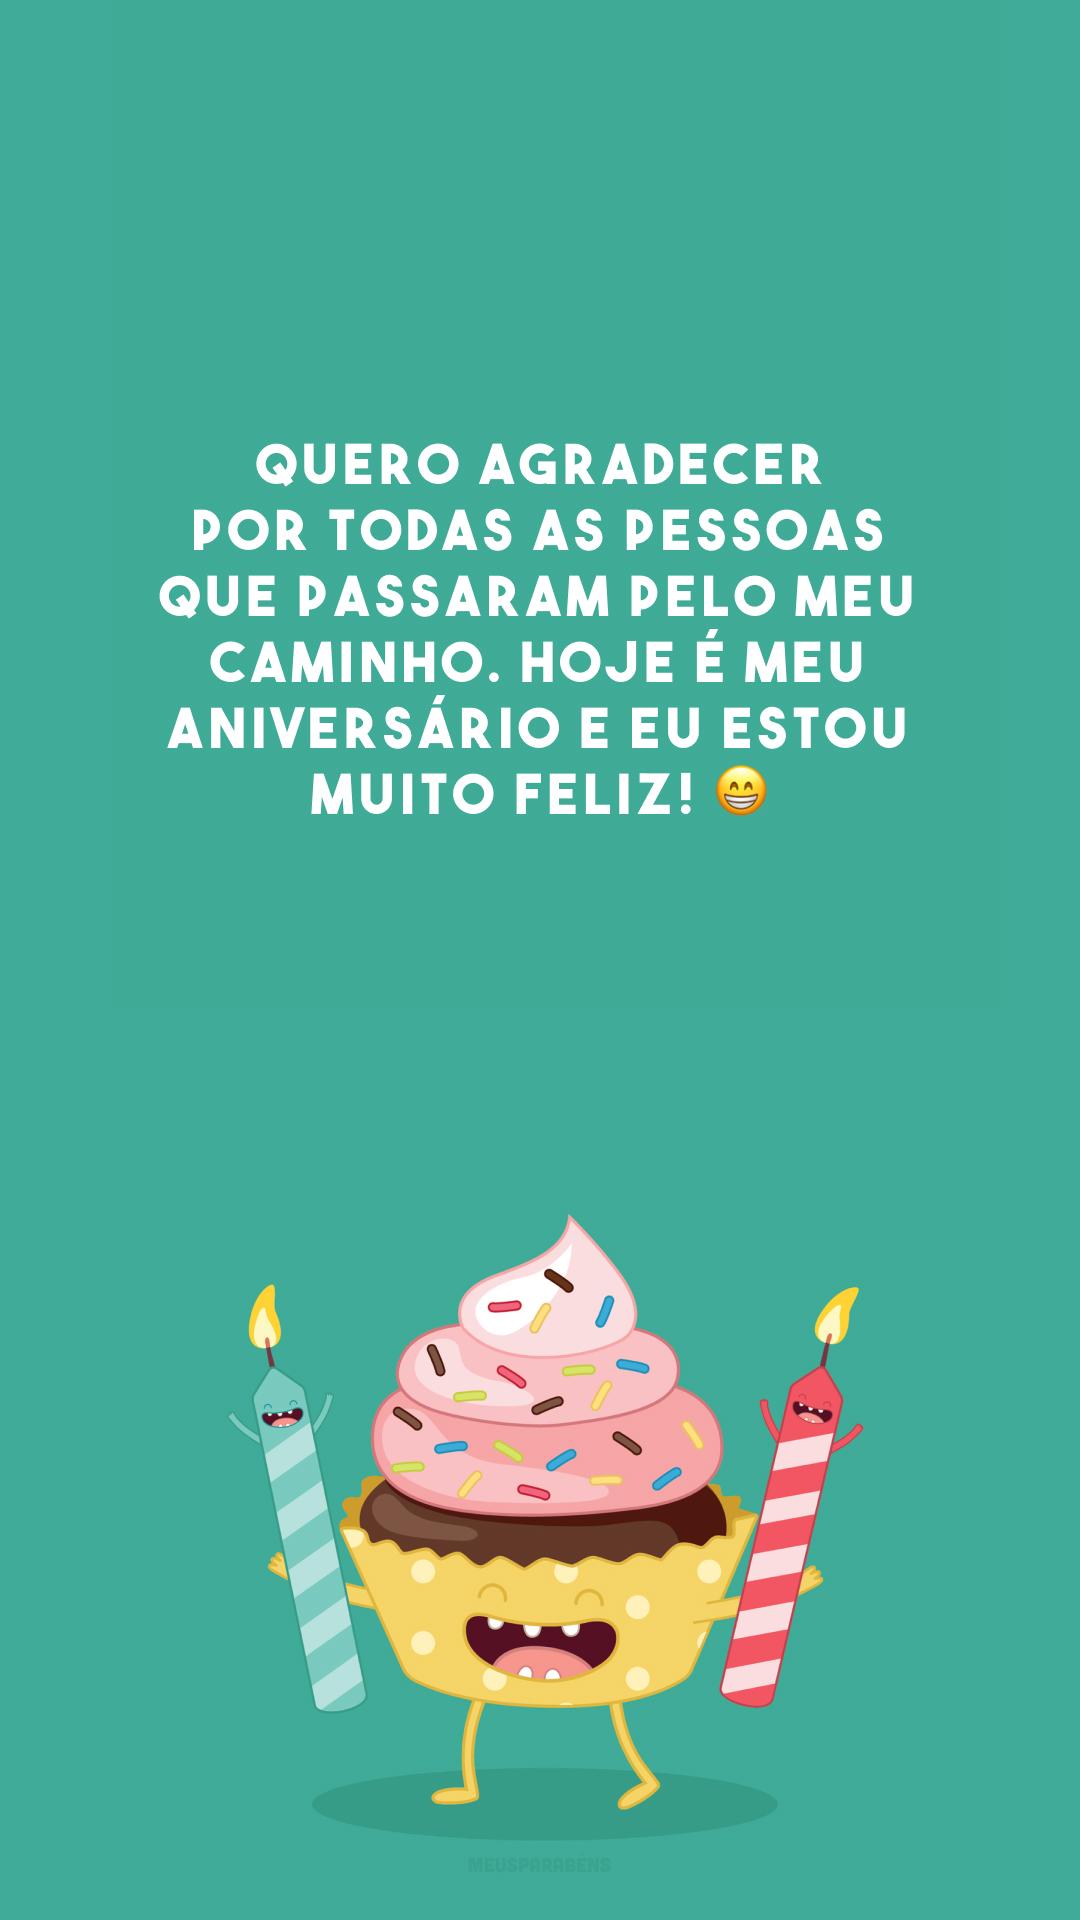 Quero agradecer por todas as pessoas que passaram pelo meu caminho. Hoje é meu aniversário e eu estou muito feliz! 😁